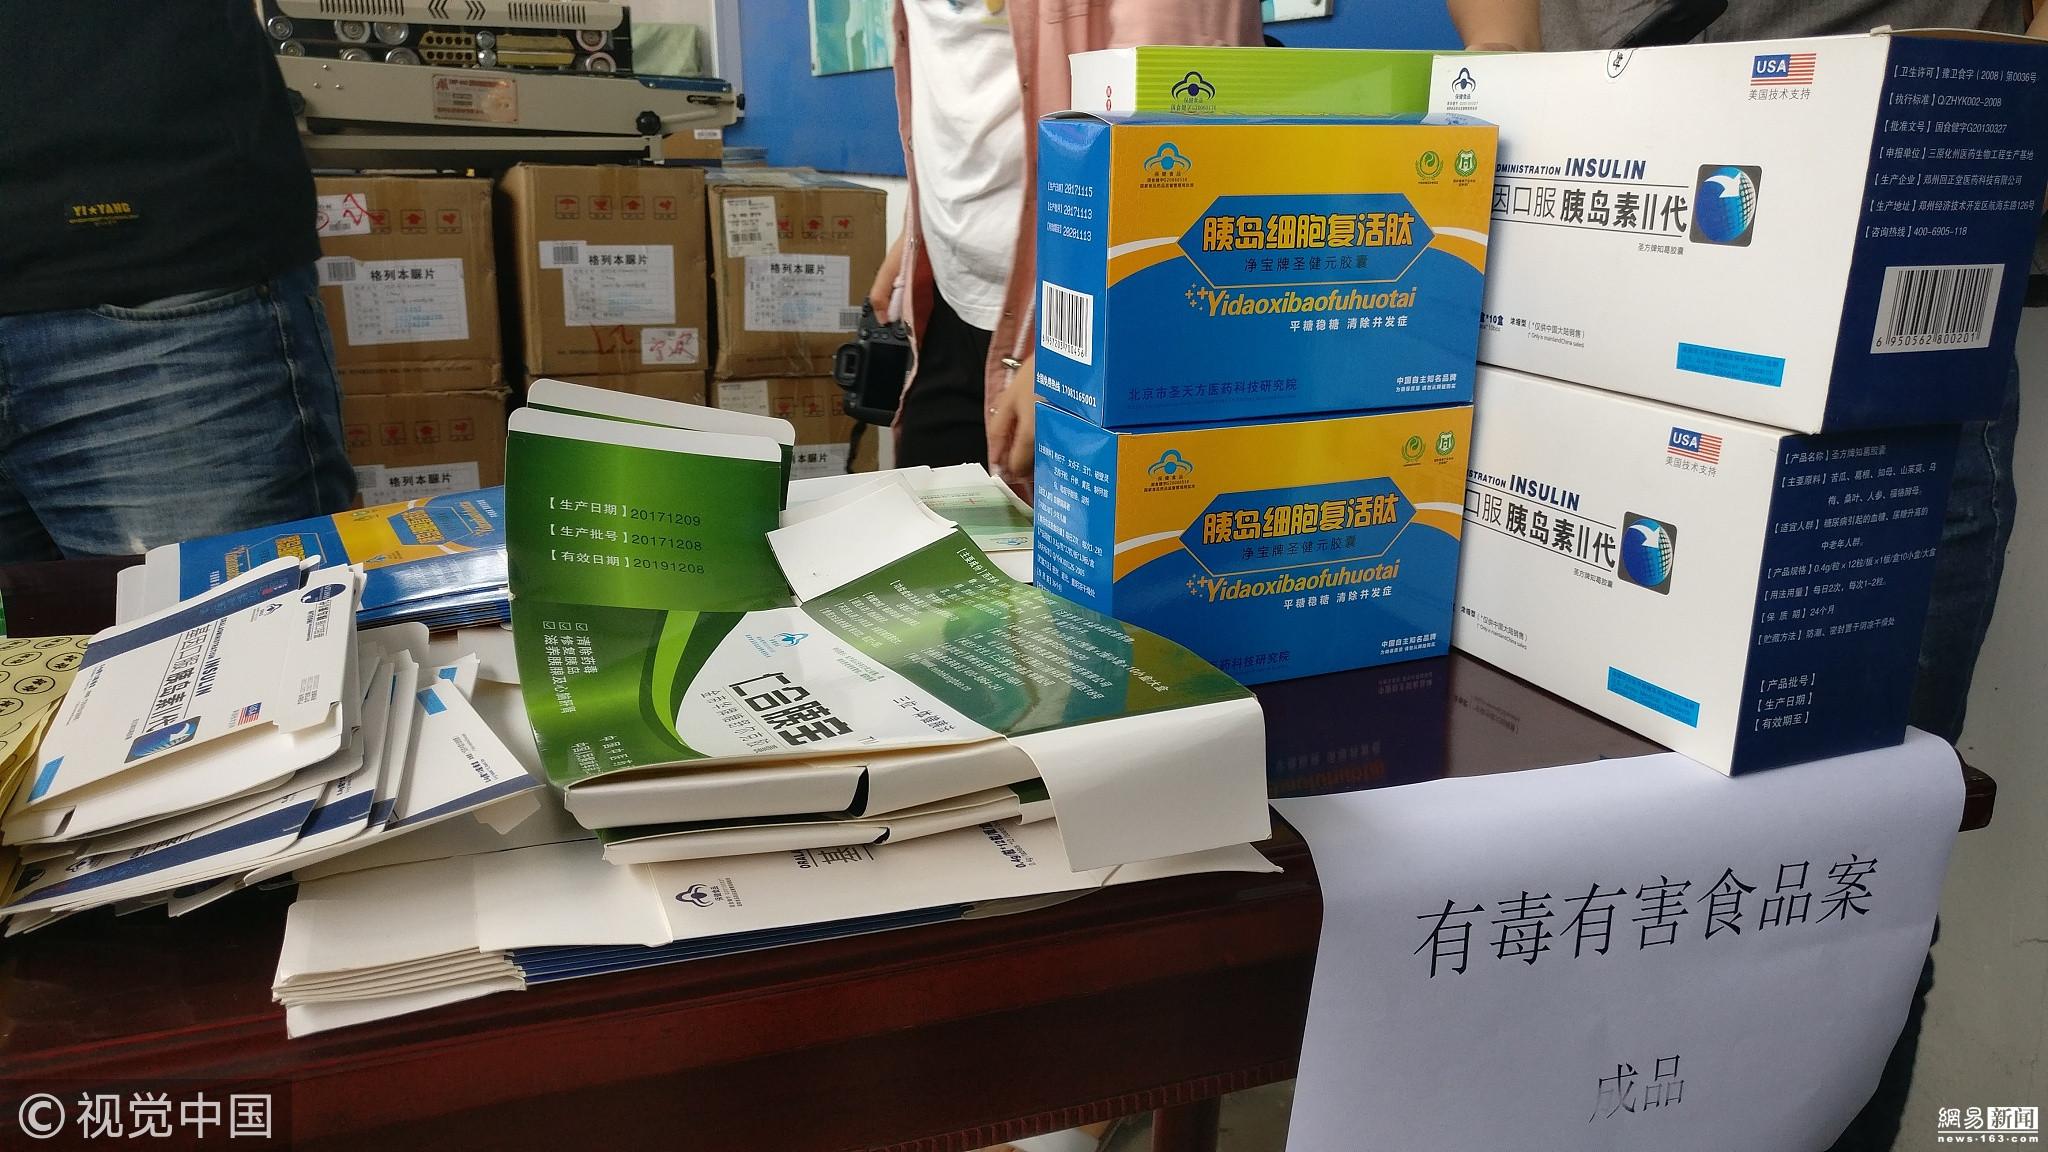 警方破浙江史上最大毒害食品案 案值超16亿 ! - 周公乐 - xinhua8848 的博客